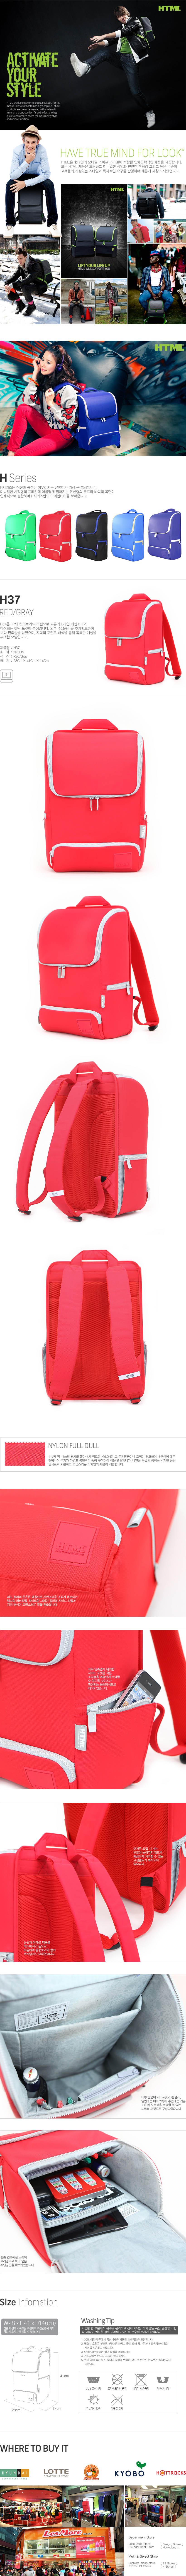 [에이치티엠엘]HTML - H37 backpack (Red/Gray)_인기백팩